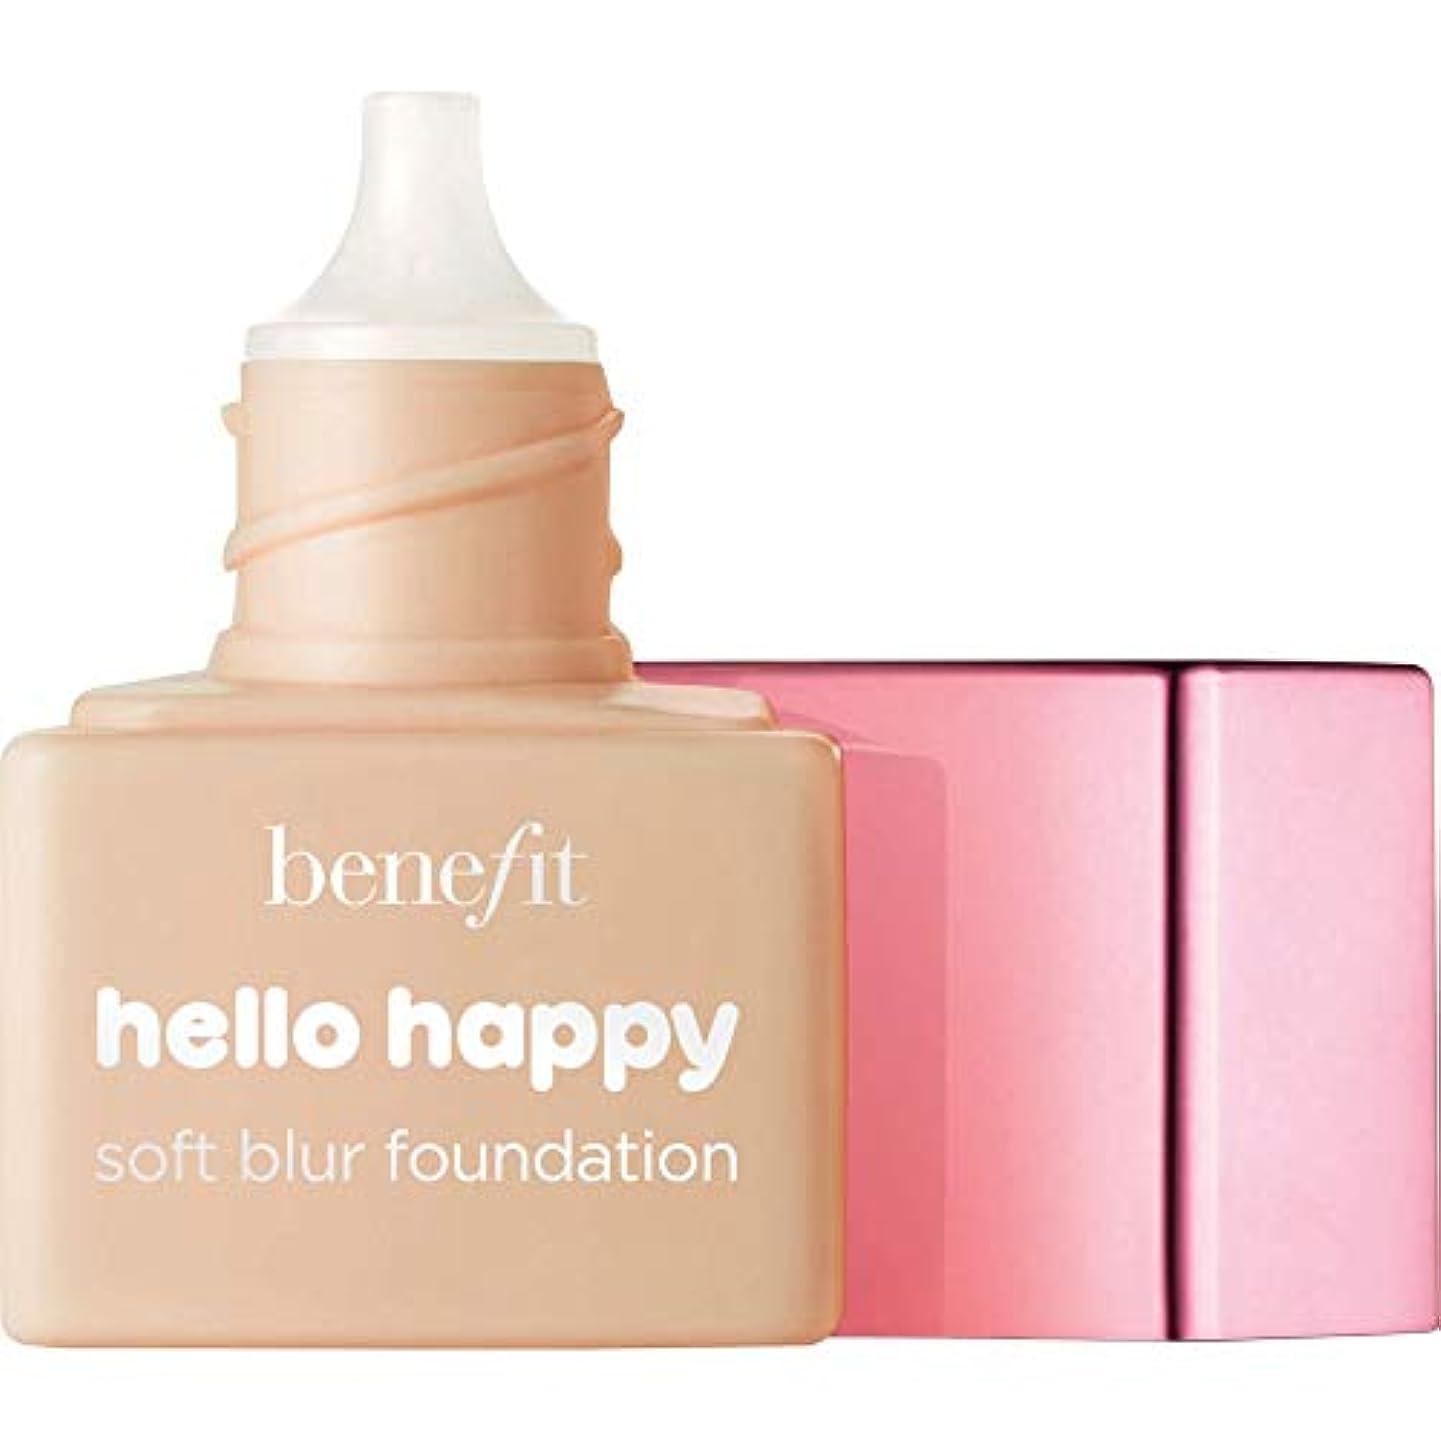 メダルペンダントおとうさん[Benefit ] ミニ4 - - こんにちは幸せソフトブラー基礎Spf15の6ミリリットルの利益中性媒体中 - Benefit Hello Happy Soft Blur Foundation SPF15 6ml -...